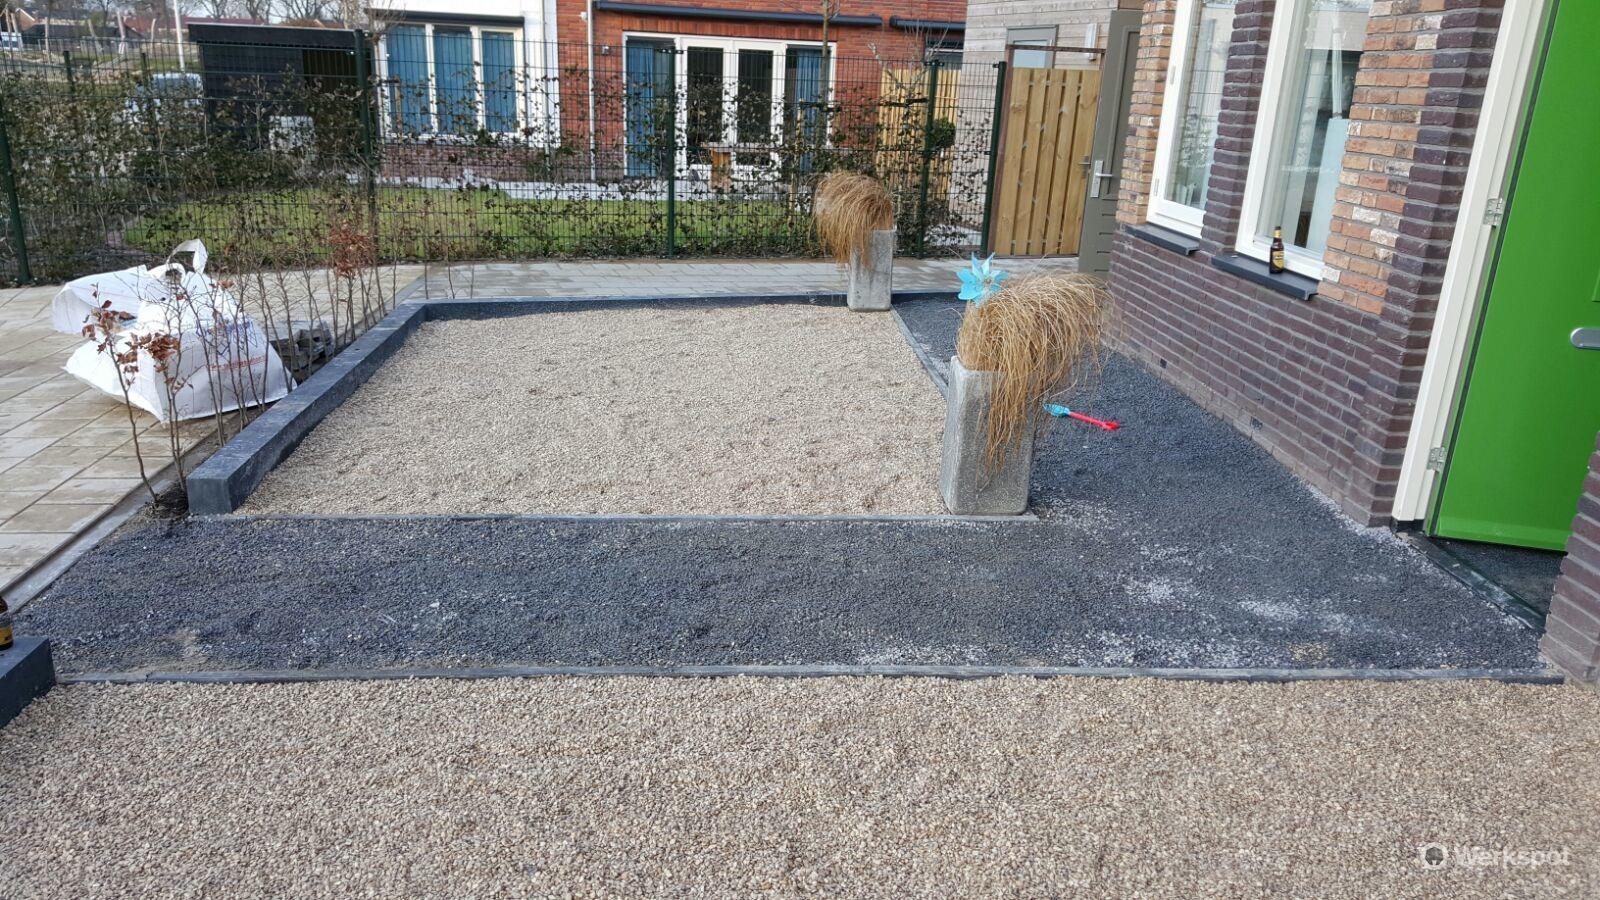 Grind Tuin Aanleggen : Voortuin aanleggen met grind werkspot